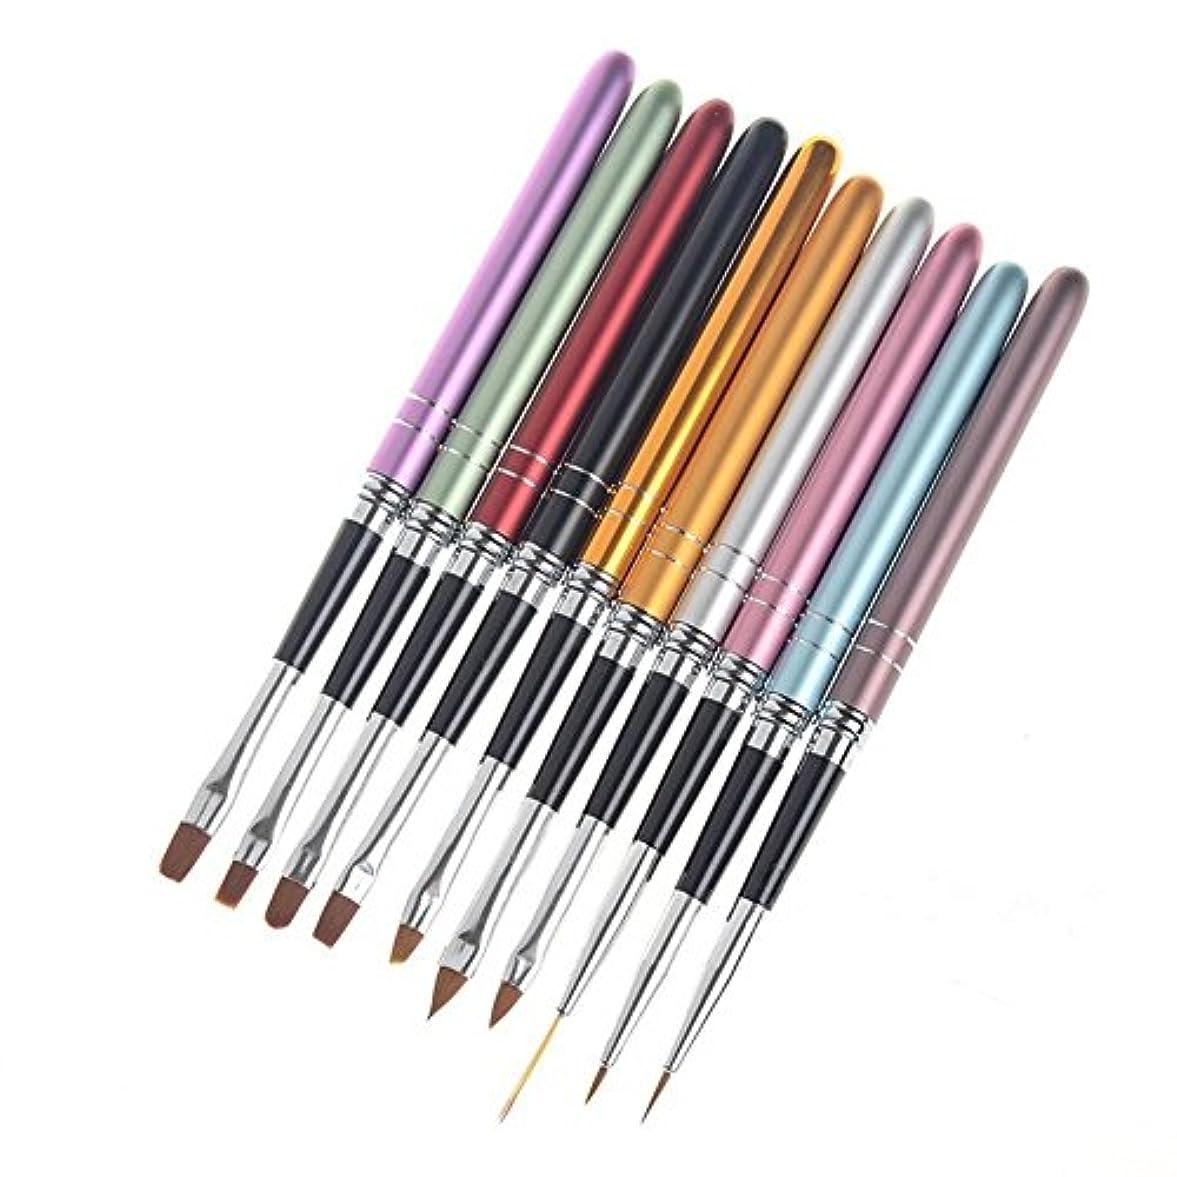 暗黙スリーブトレース10本/セット ネイルブラシセット ジェルネイル絵描きブラシなどの UVジュエルネイルツール アクリルネイルアートブラシネイル用品